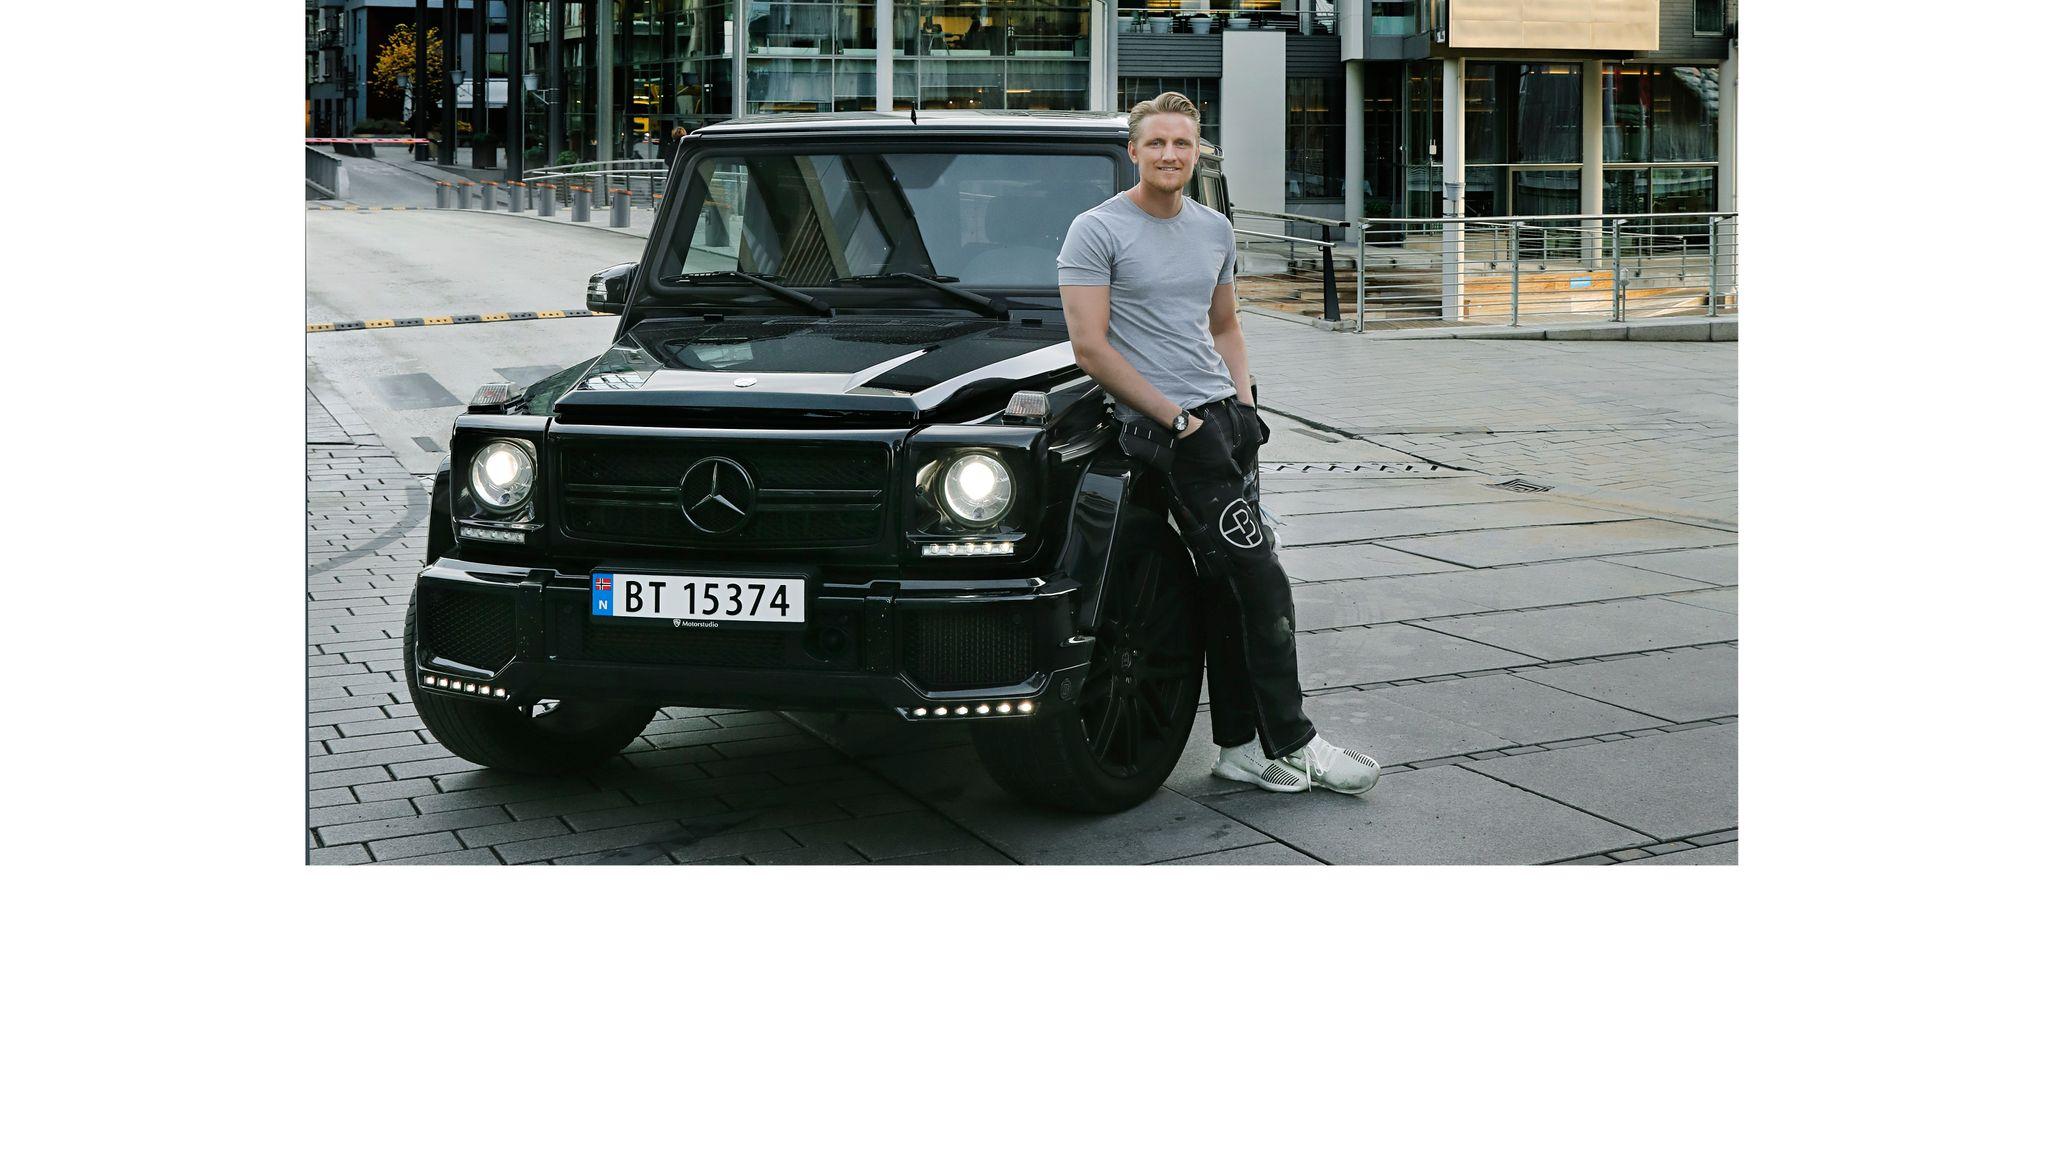 db813d51 Her på Tjuvholmen har den 28 år gamle eiendomsutvikleren Andreas Arnhoff  bodd de siste tre årene. Bilen han kjører rundt i til daglig er en Mercedes  G63, ...